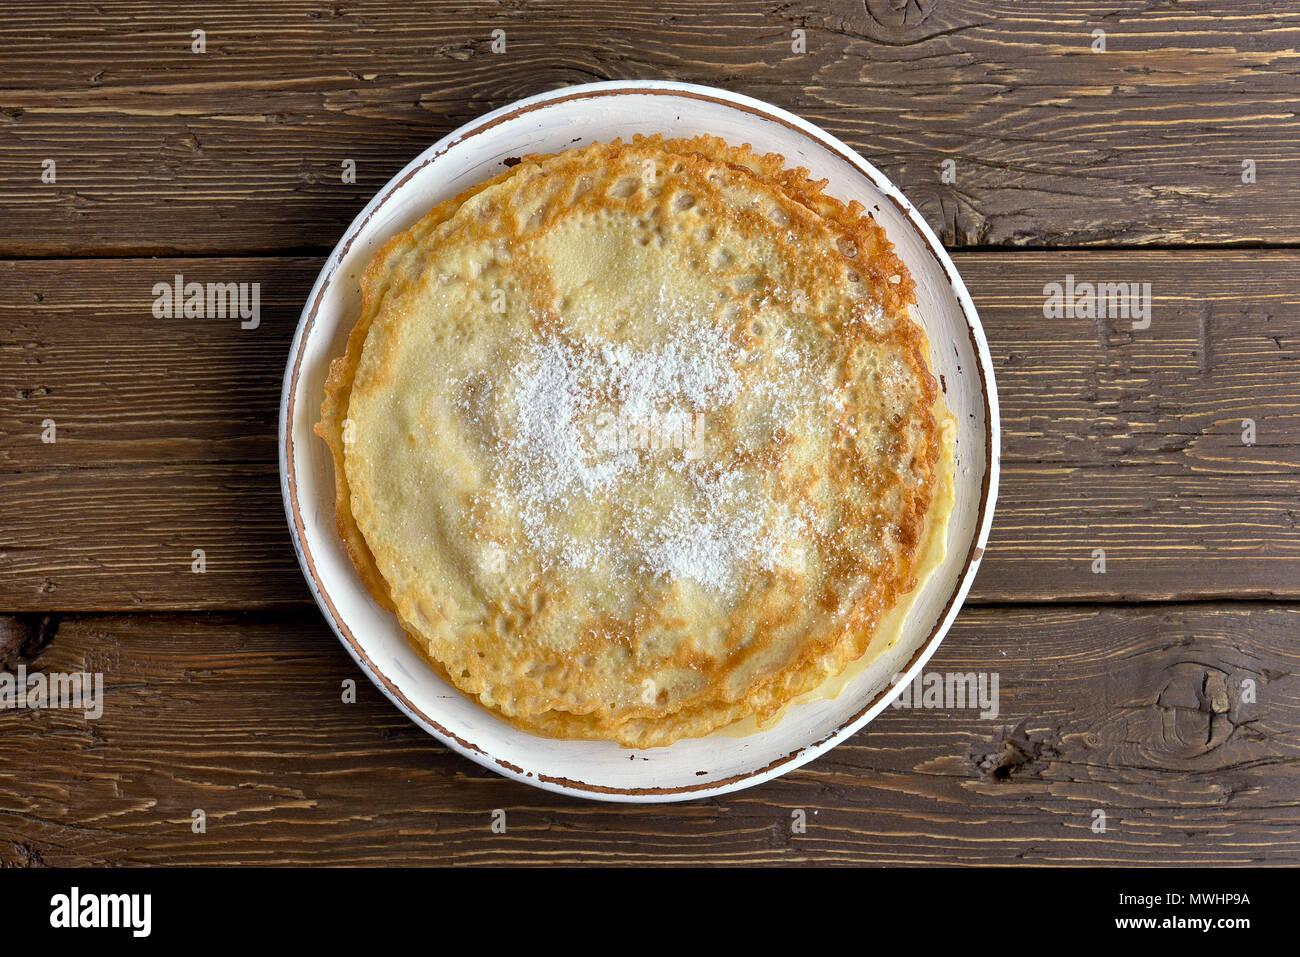 Dünne Pfannkuchen, süßen Crepes auf Holz- Hintergrund. Ansicht von oben, flach Stockbild